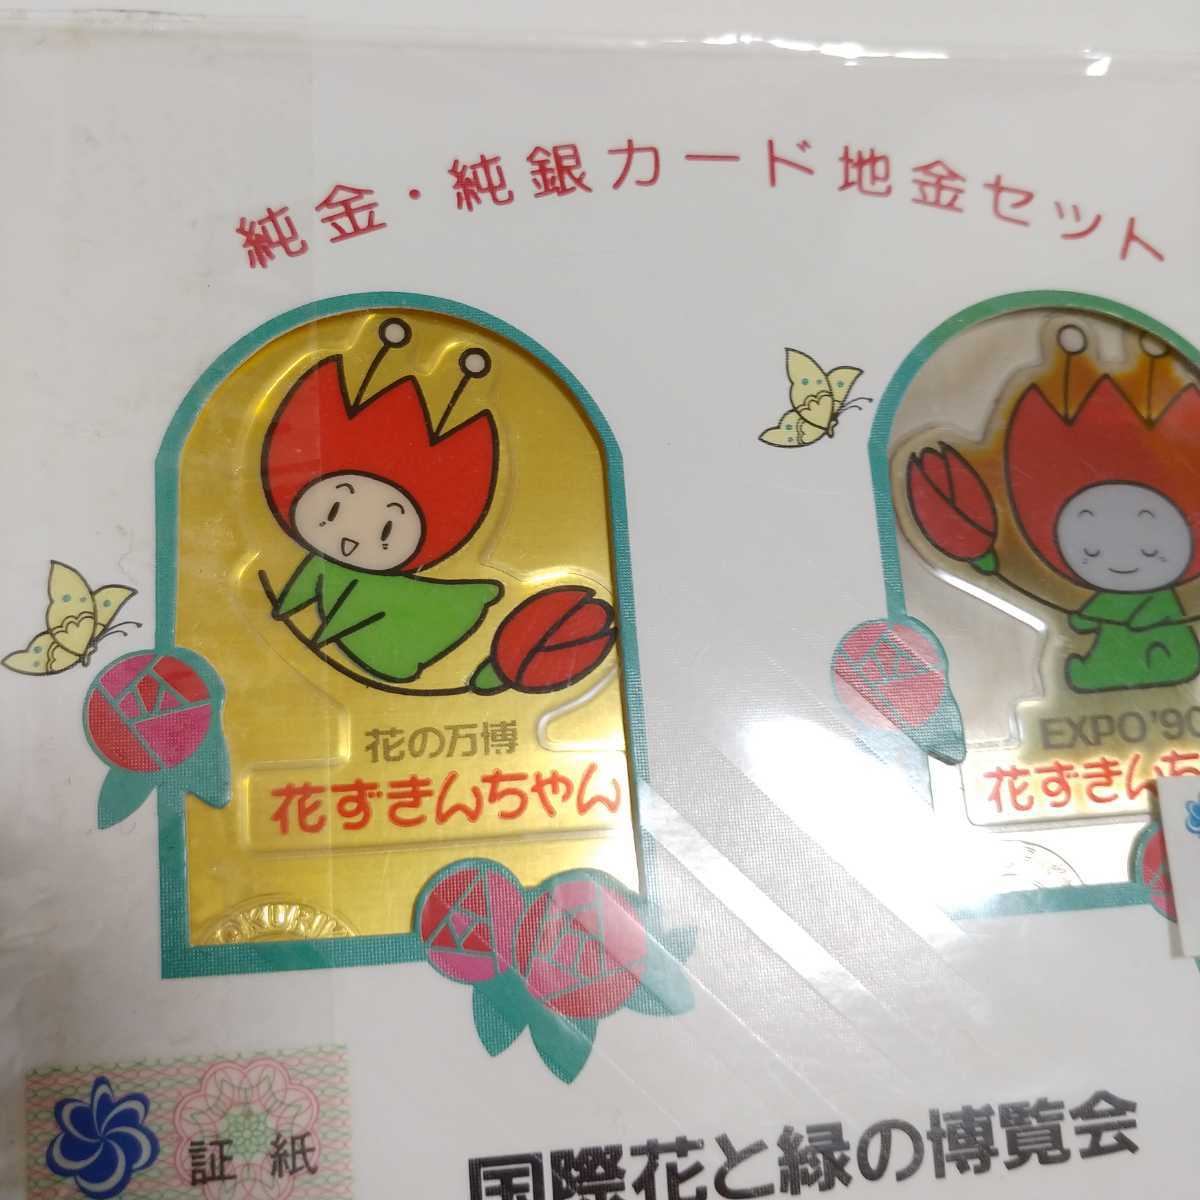 金1g 銀5g 純金、純銀カード 地金セット 国際花と緑の博覧会 徳力本店 地金_画像2